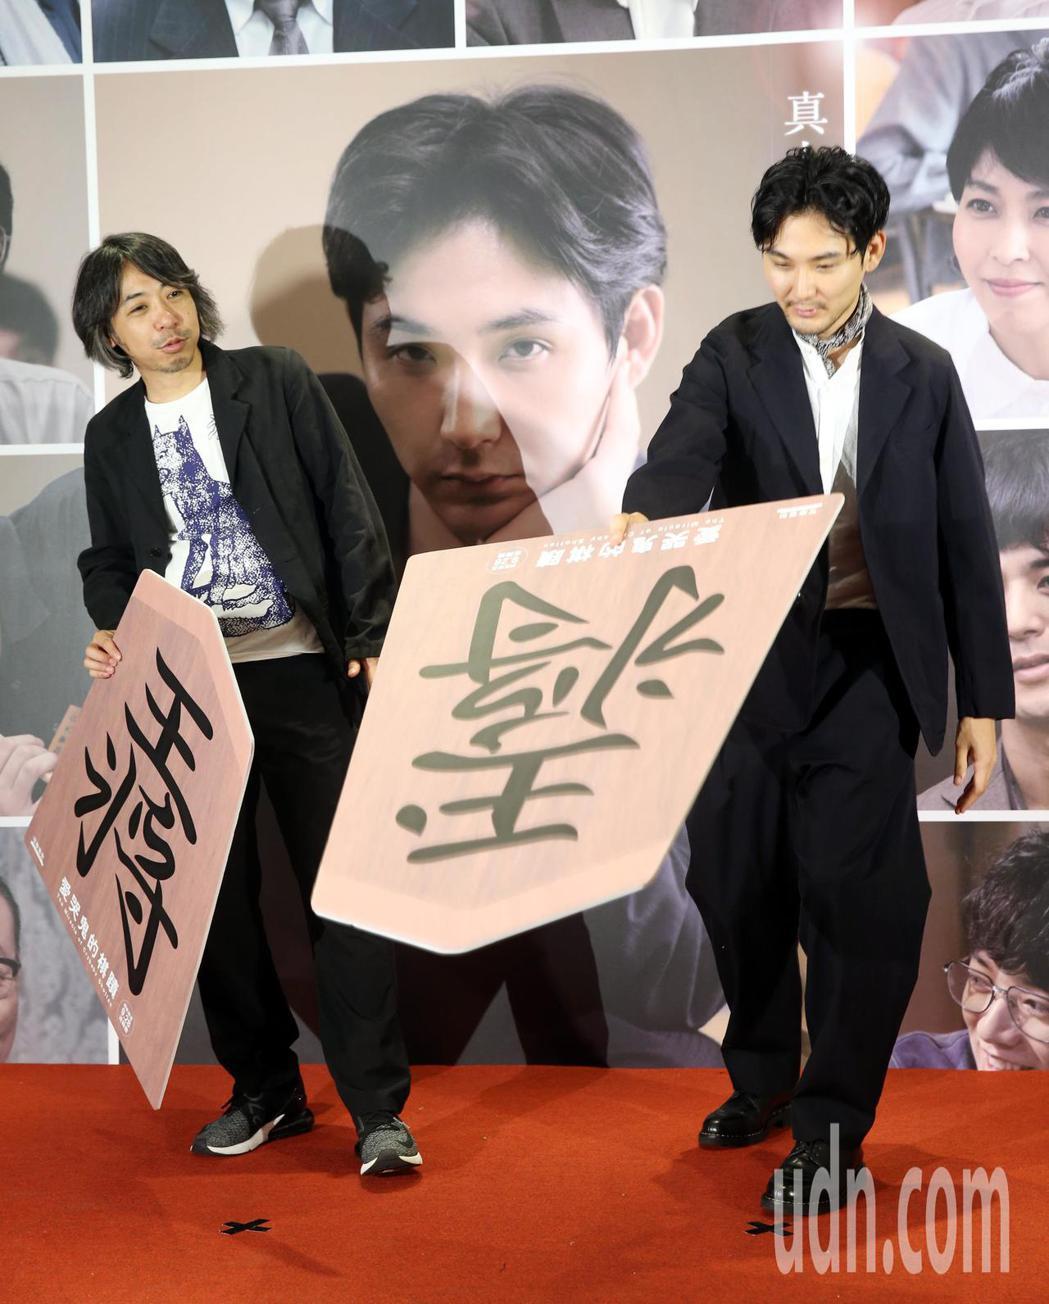 松田龍平(右)、豐田利晃(左)來台為電影「愛哭鬼的棋蹟」作宣傳,兩人拿著大型的將...